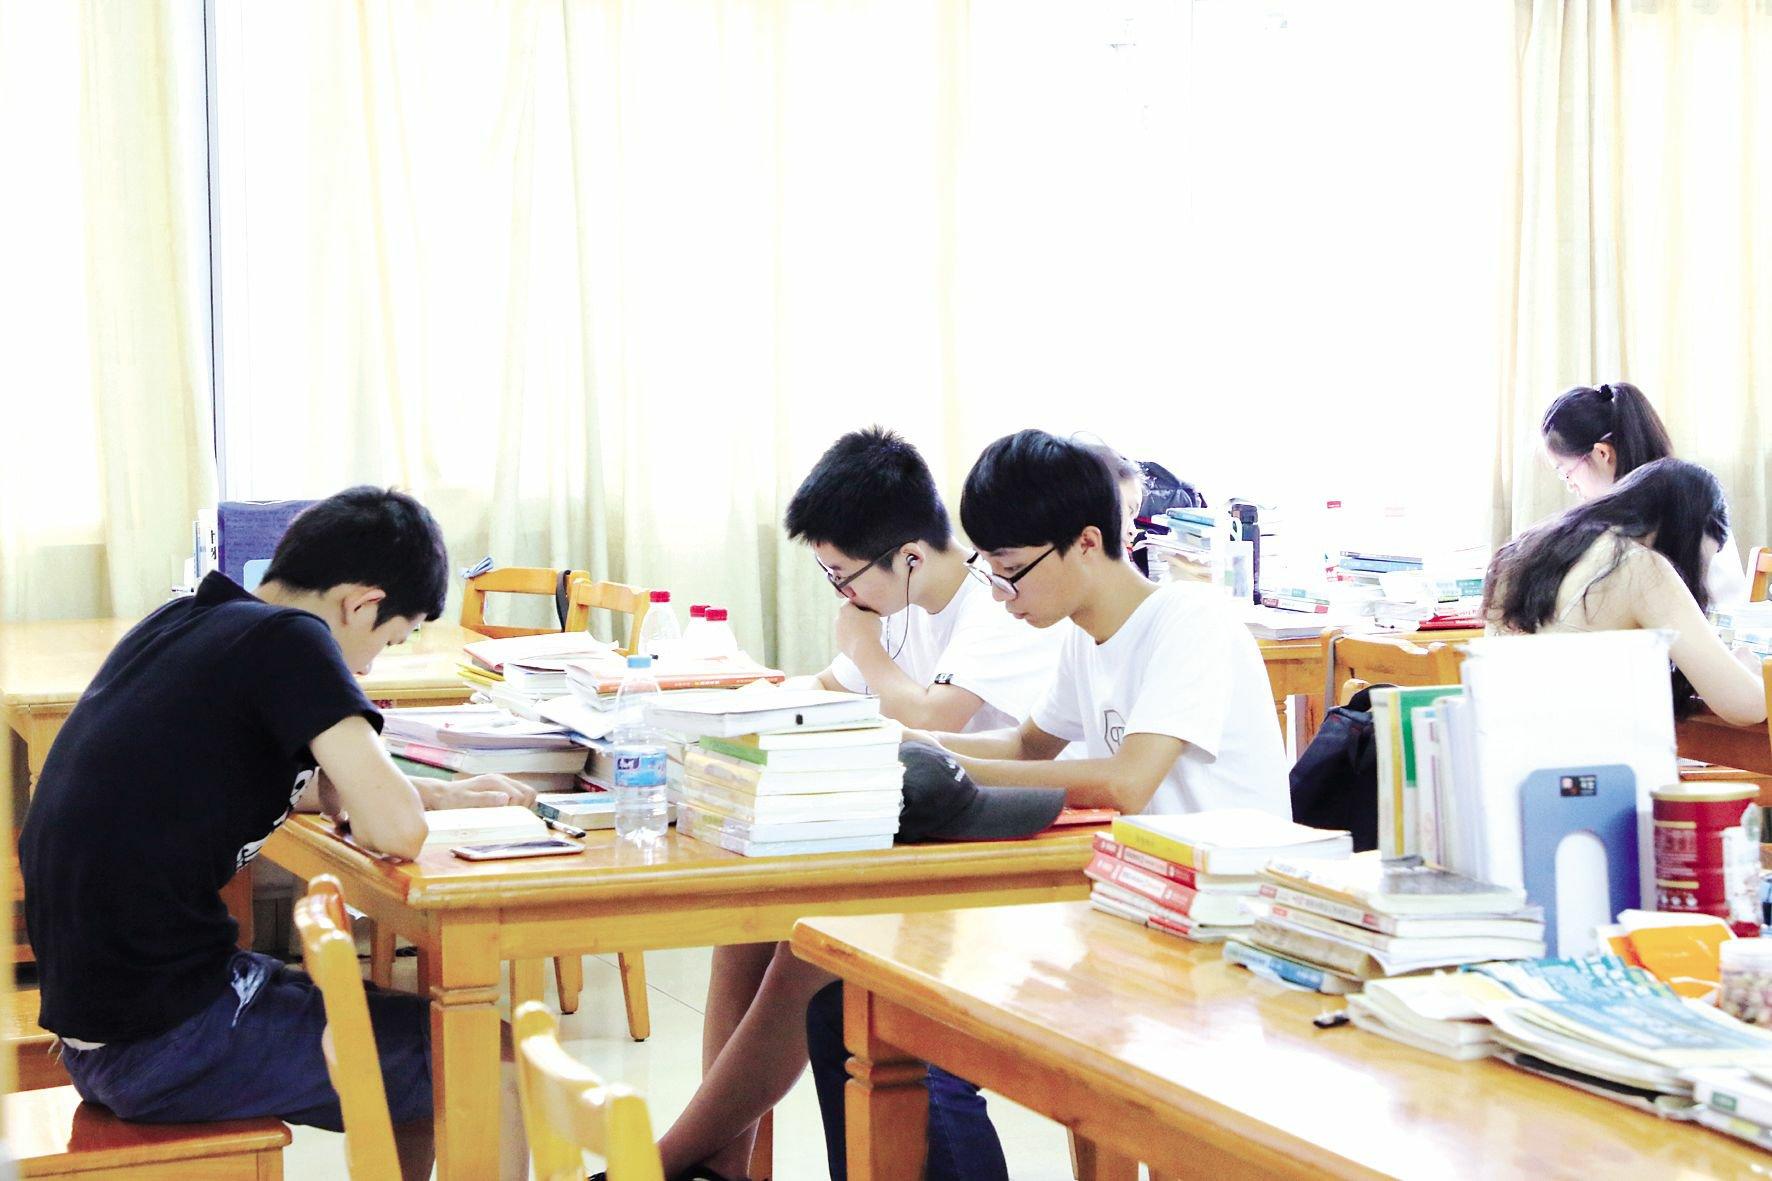 校园学习氛围浓